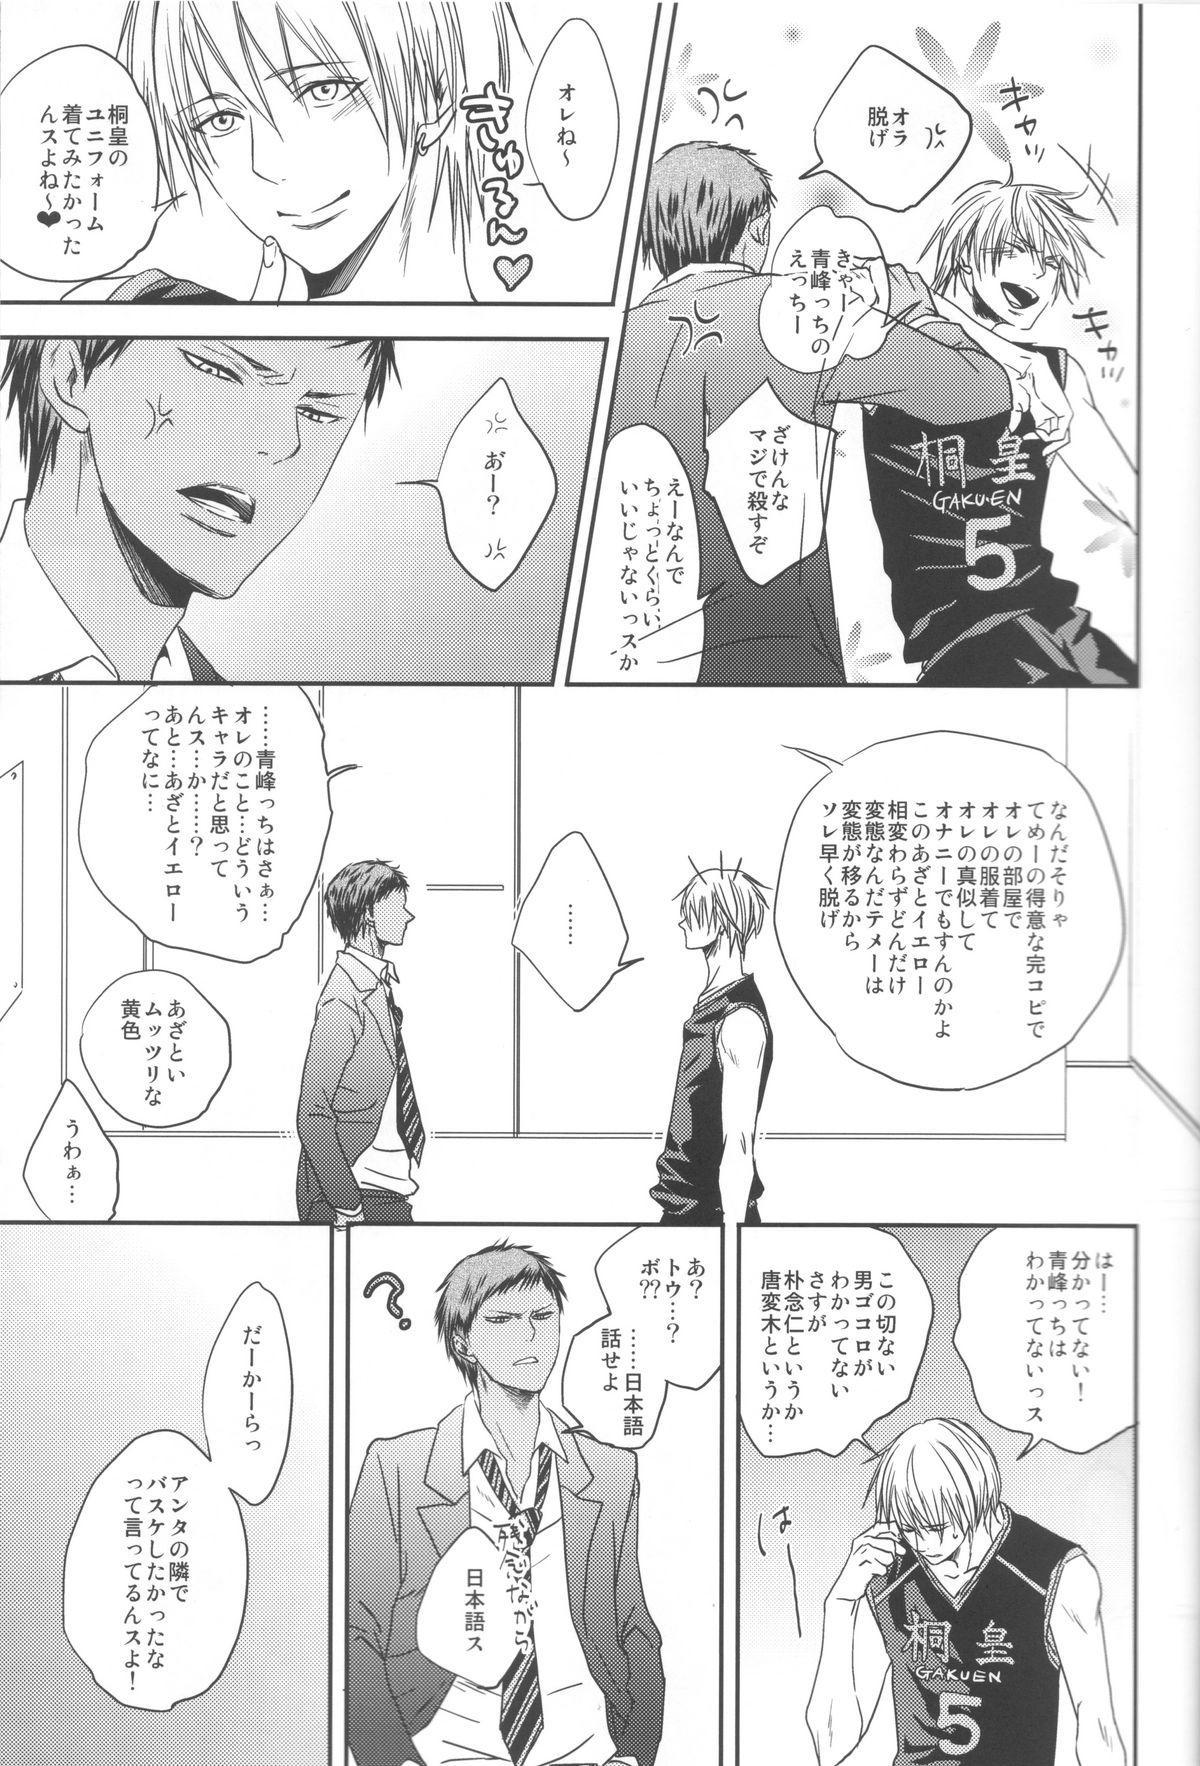 Nakayoshissu! 7